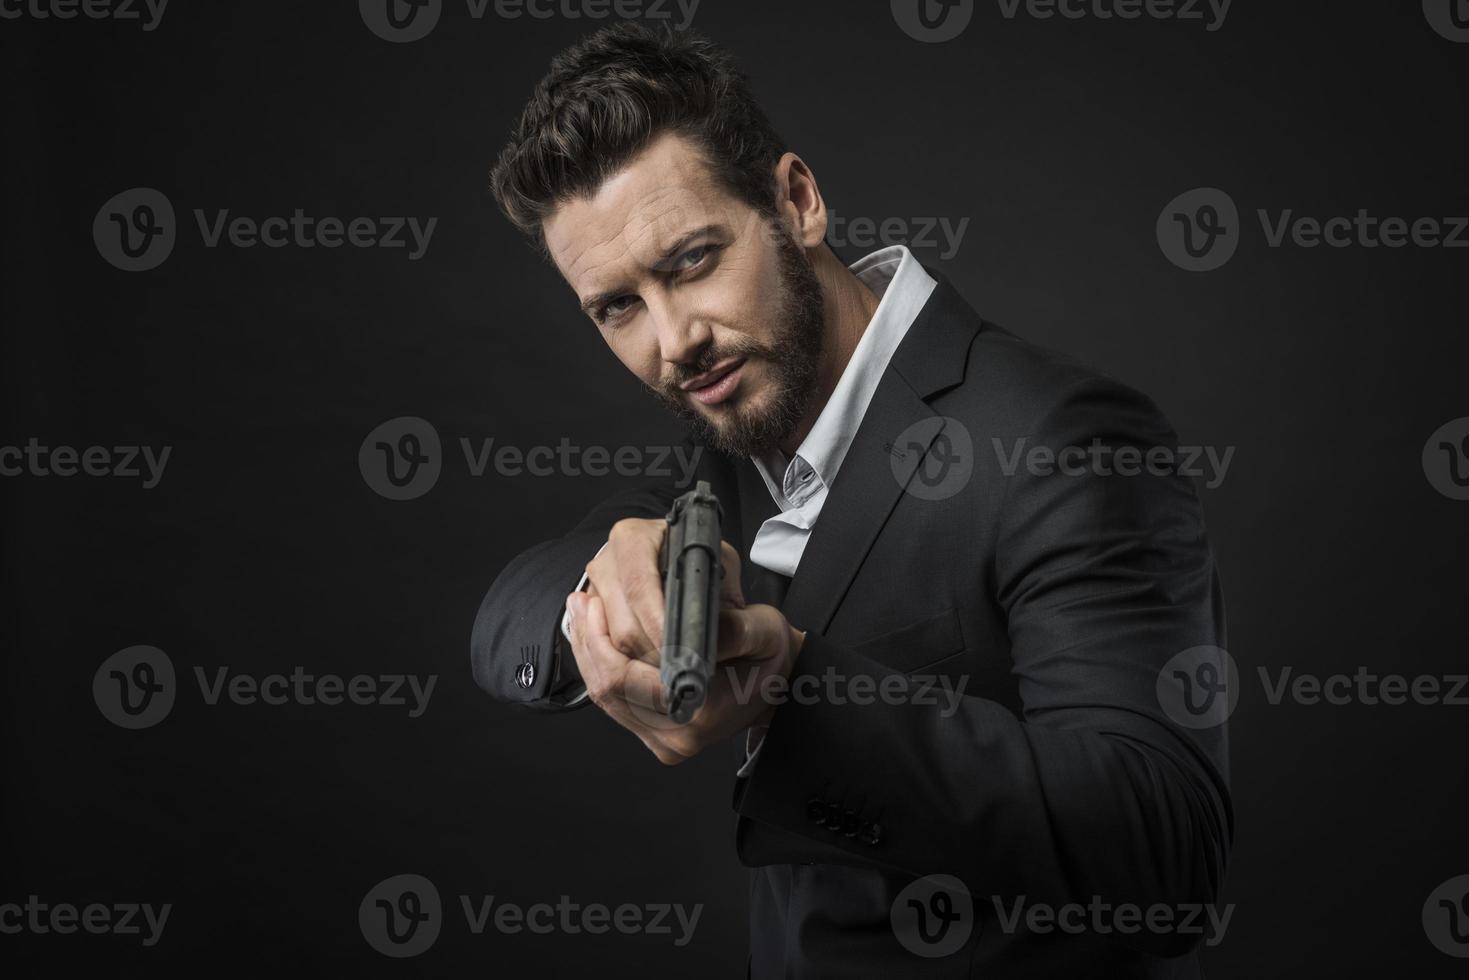 homem bonito legal apontando uma arma foto